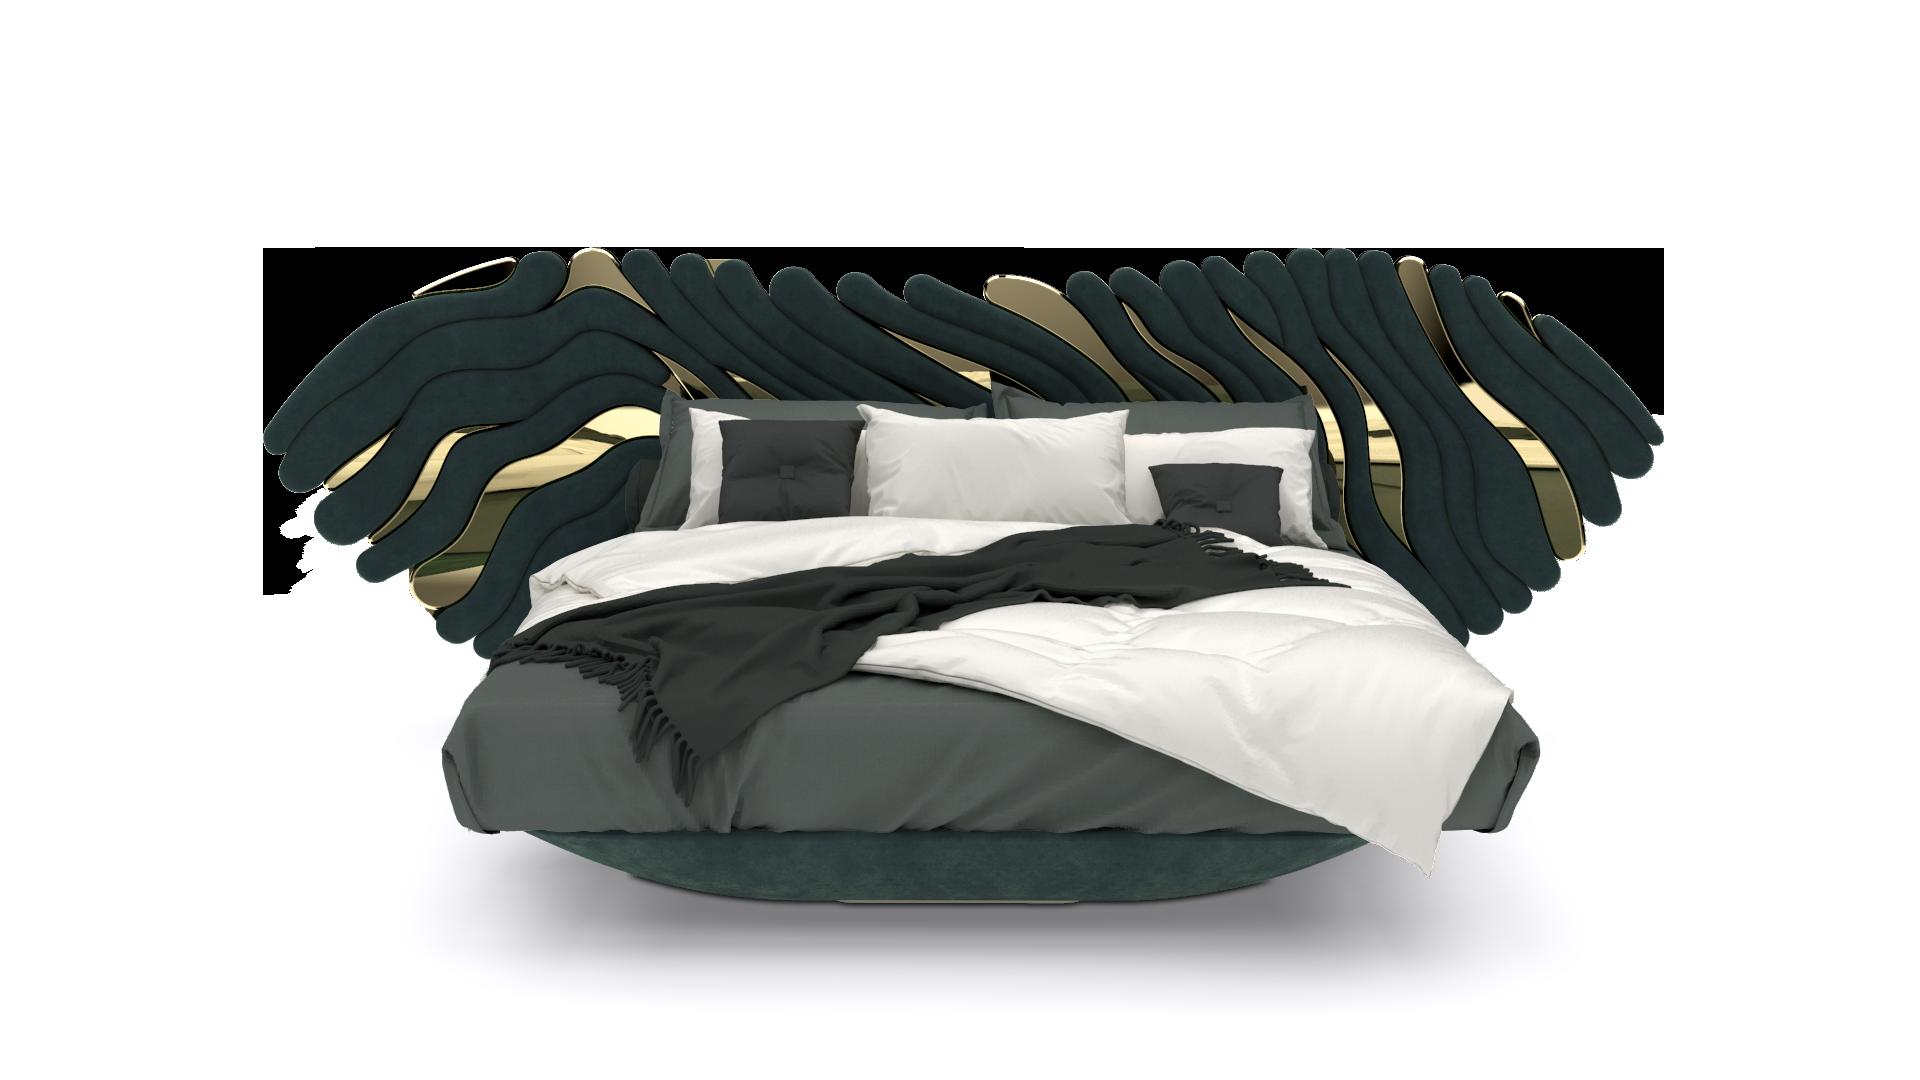 DOURO BED - Main View - ALMA de LUCE